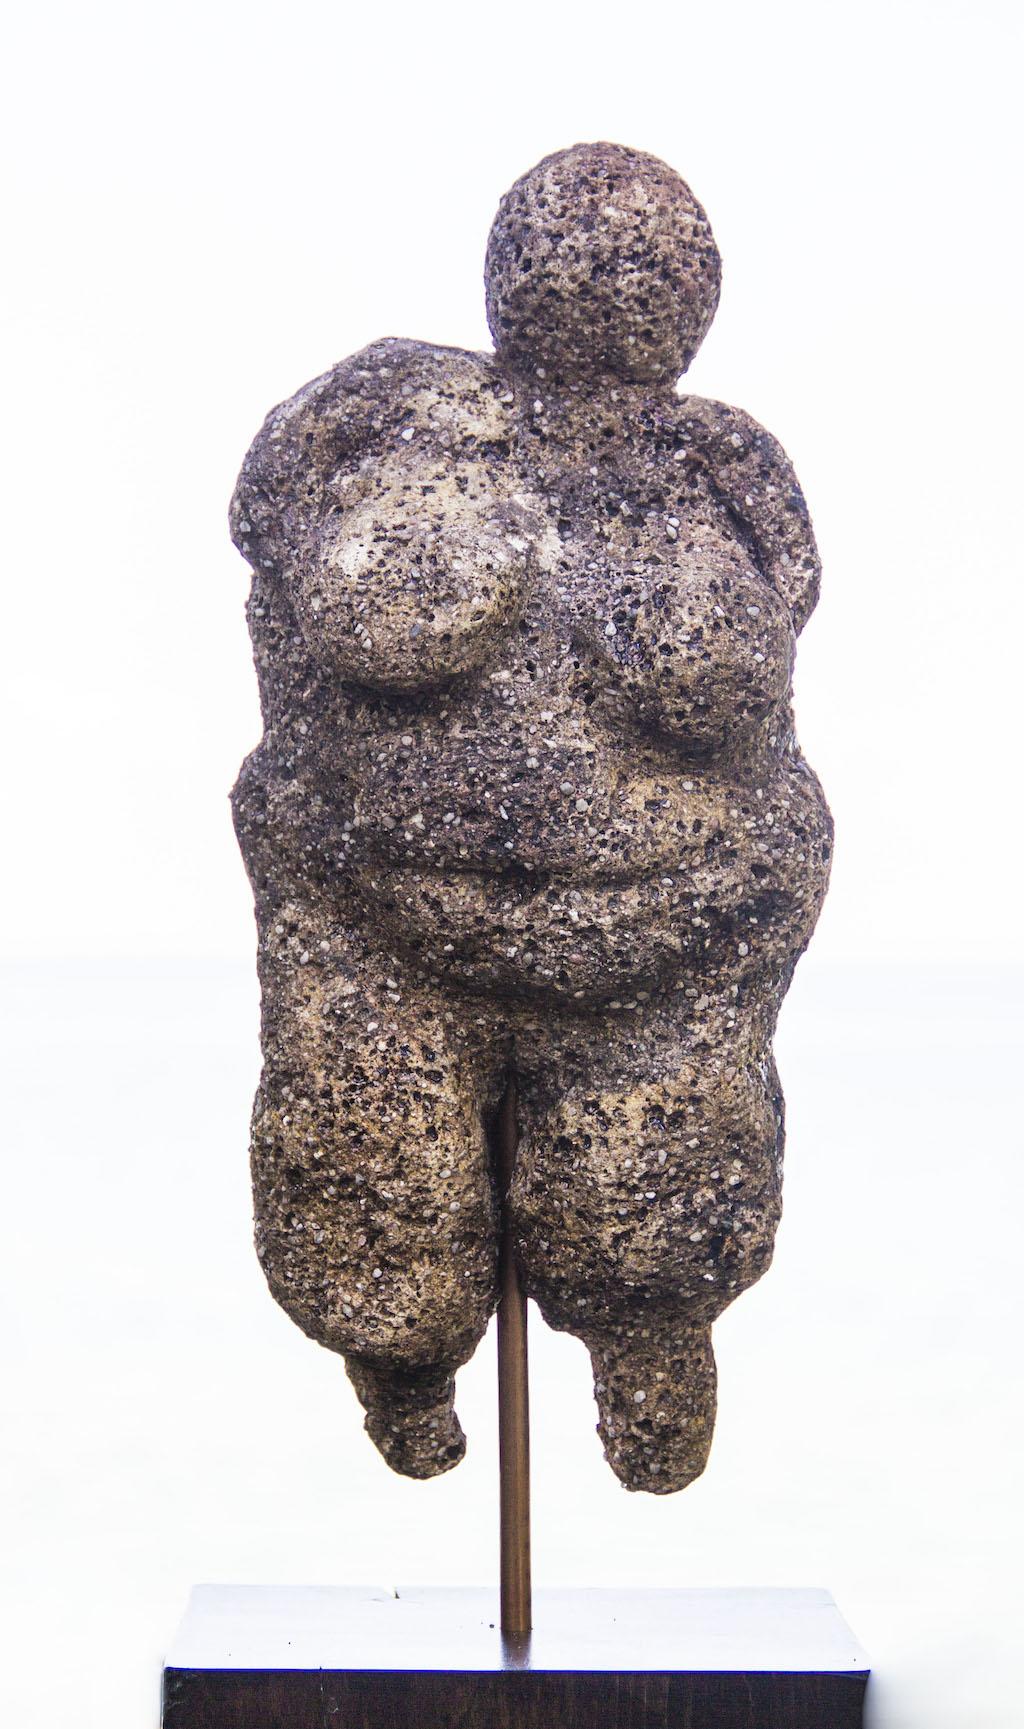 voluptuous woman sculpture closeup